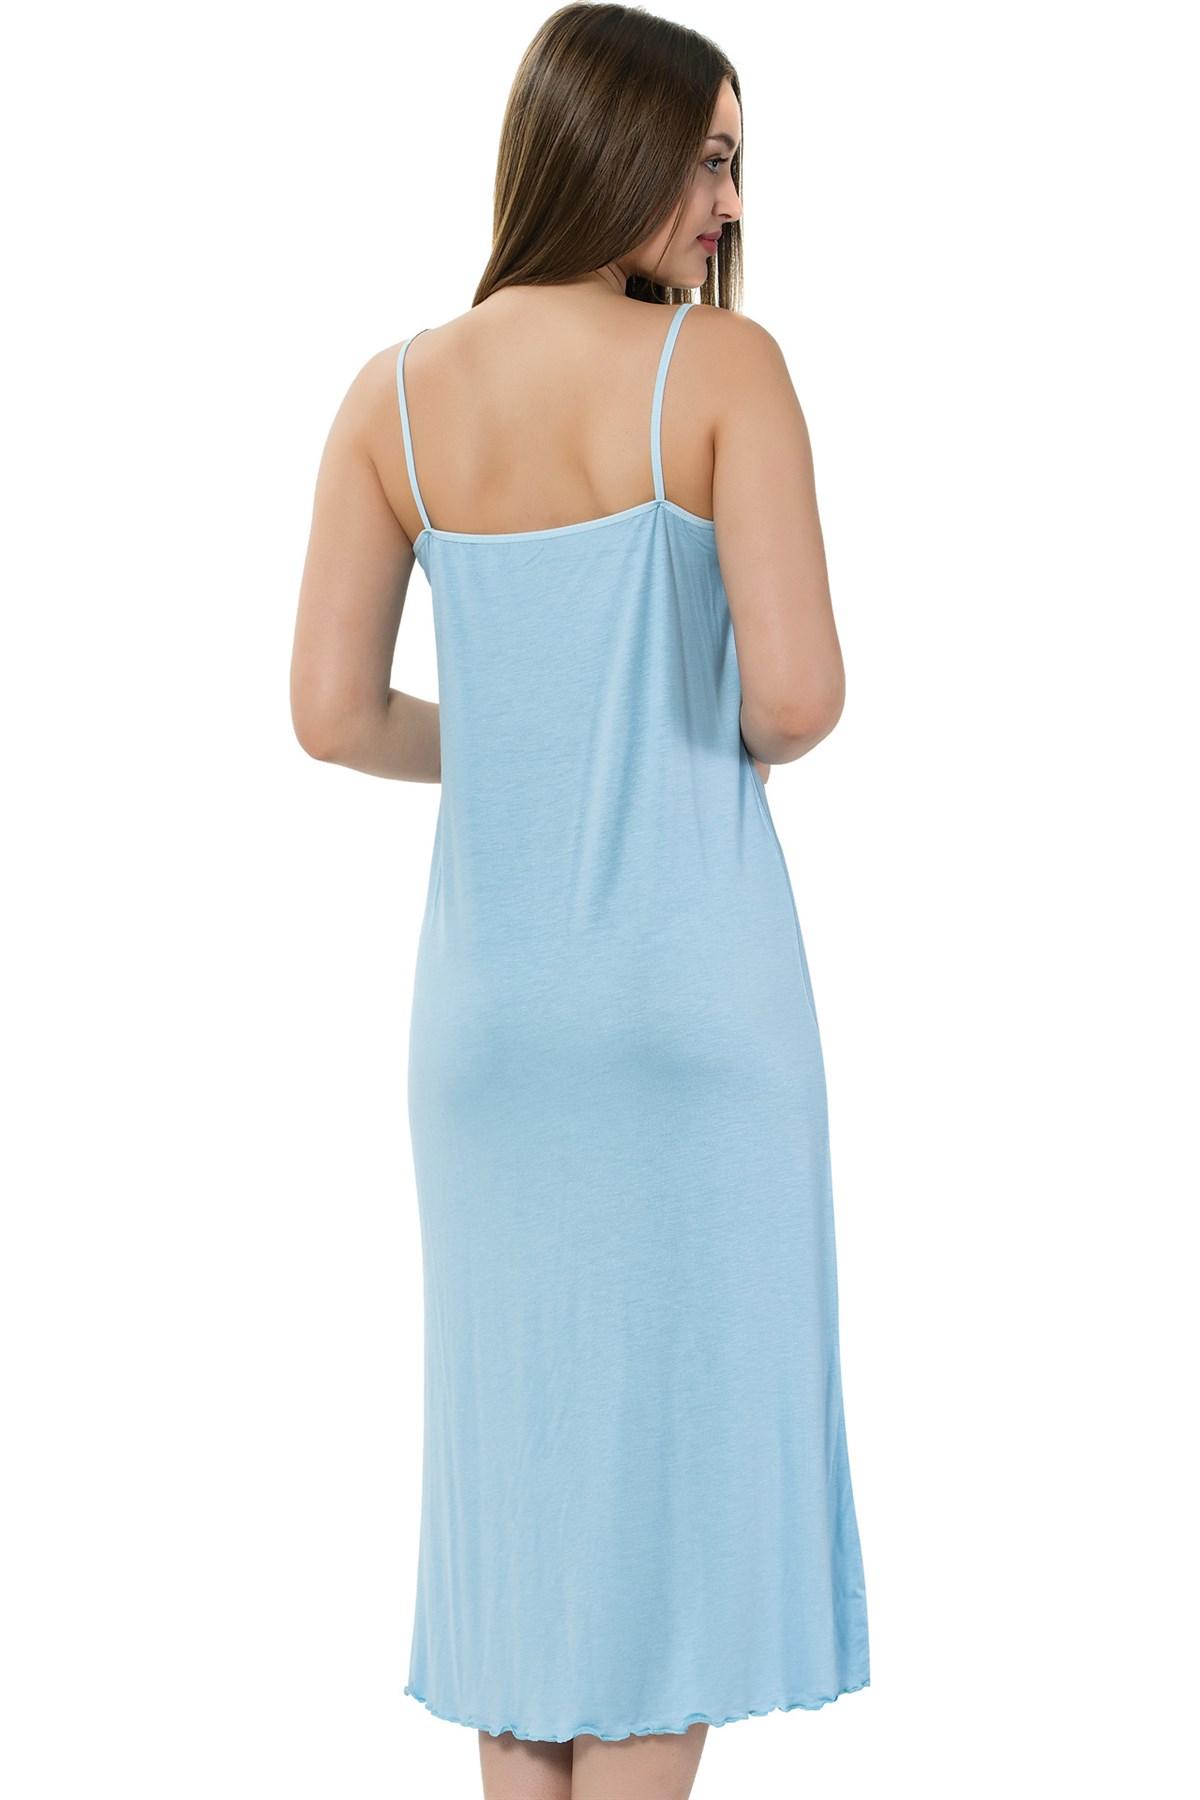 Moda Çizgi Bayan İp Askılı Uzun Gecelik 914